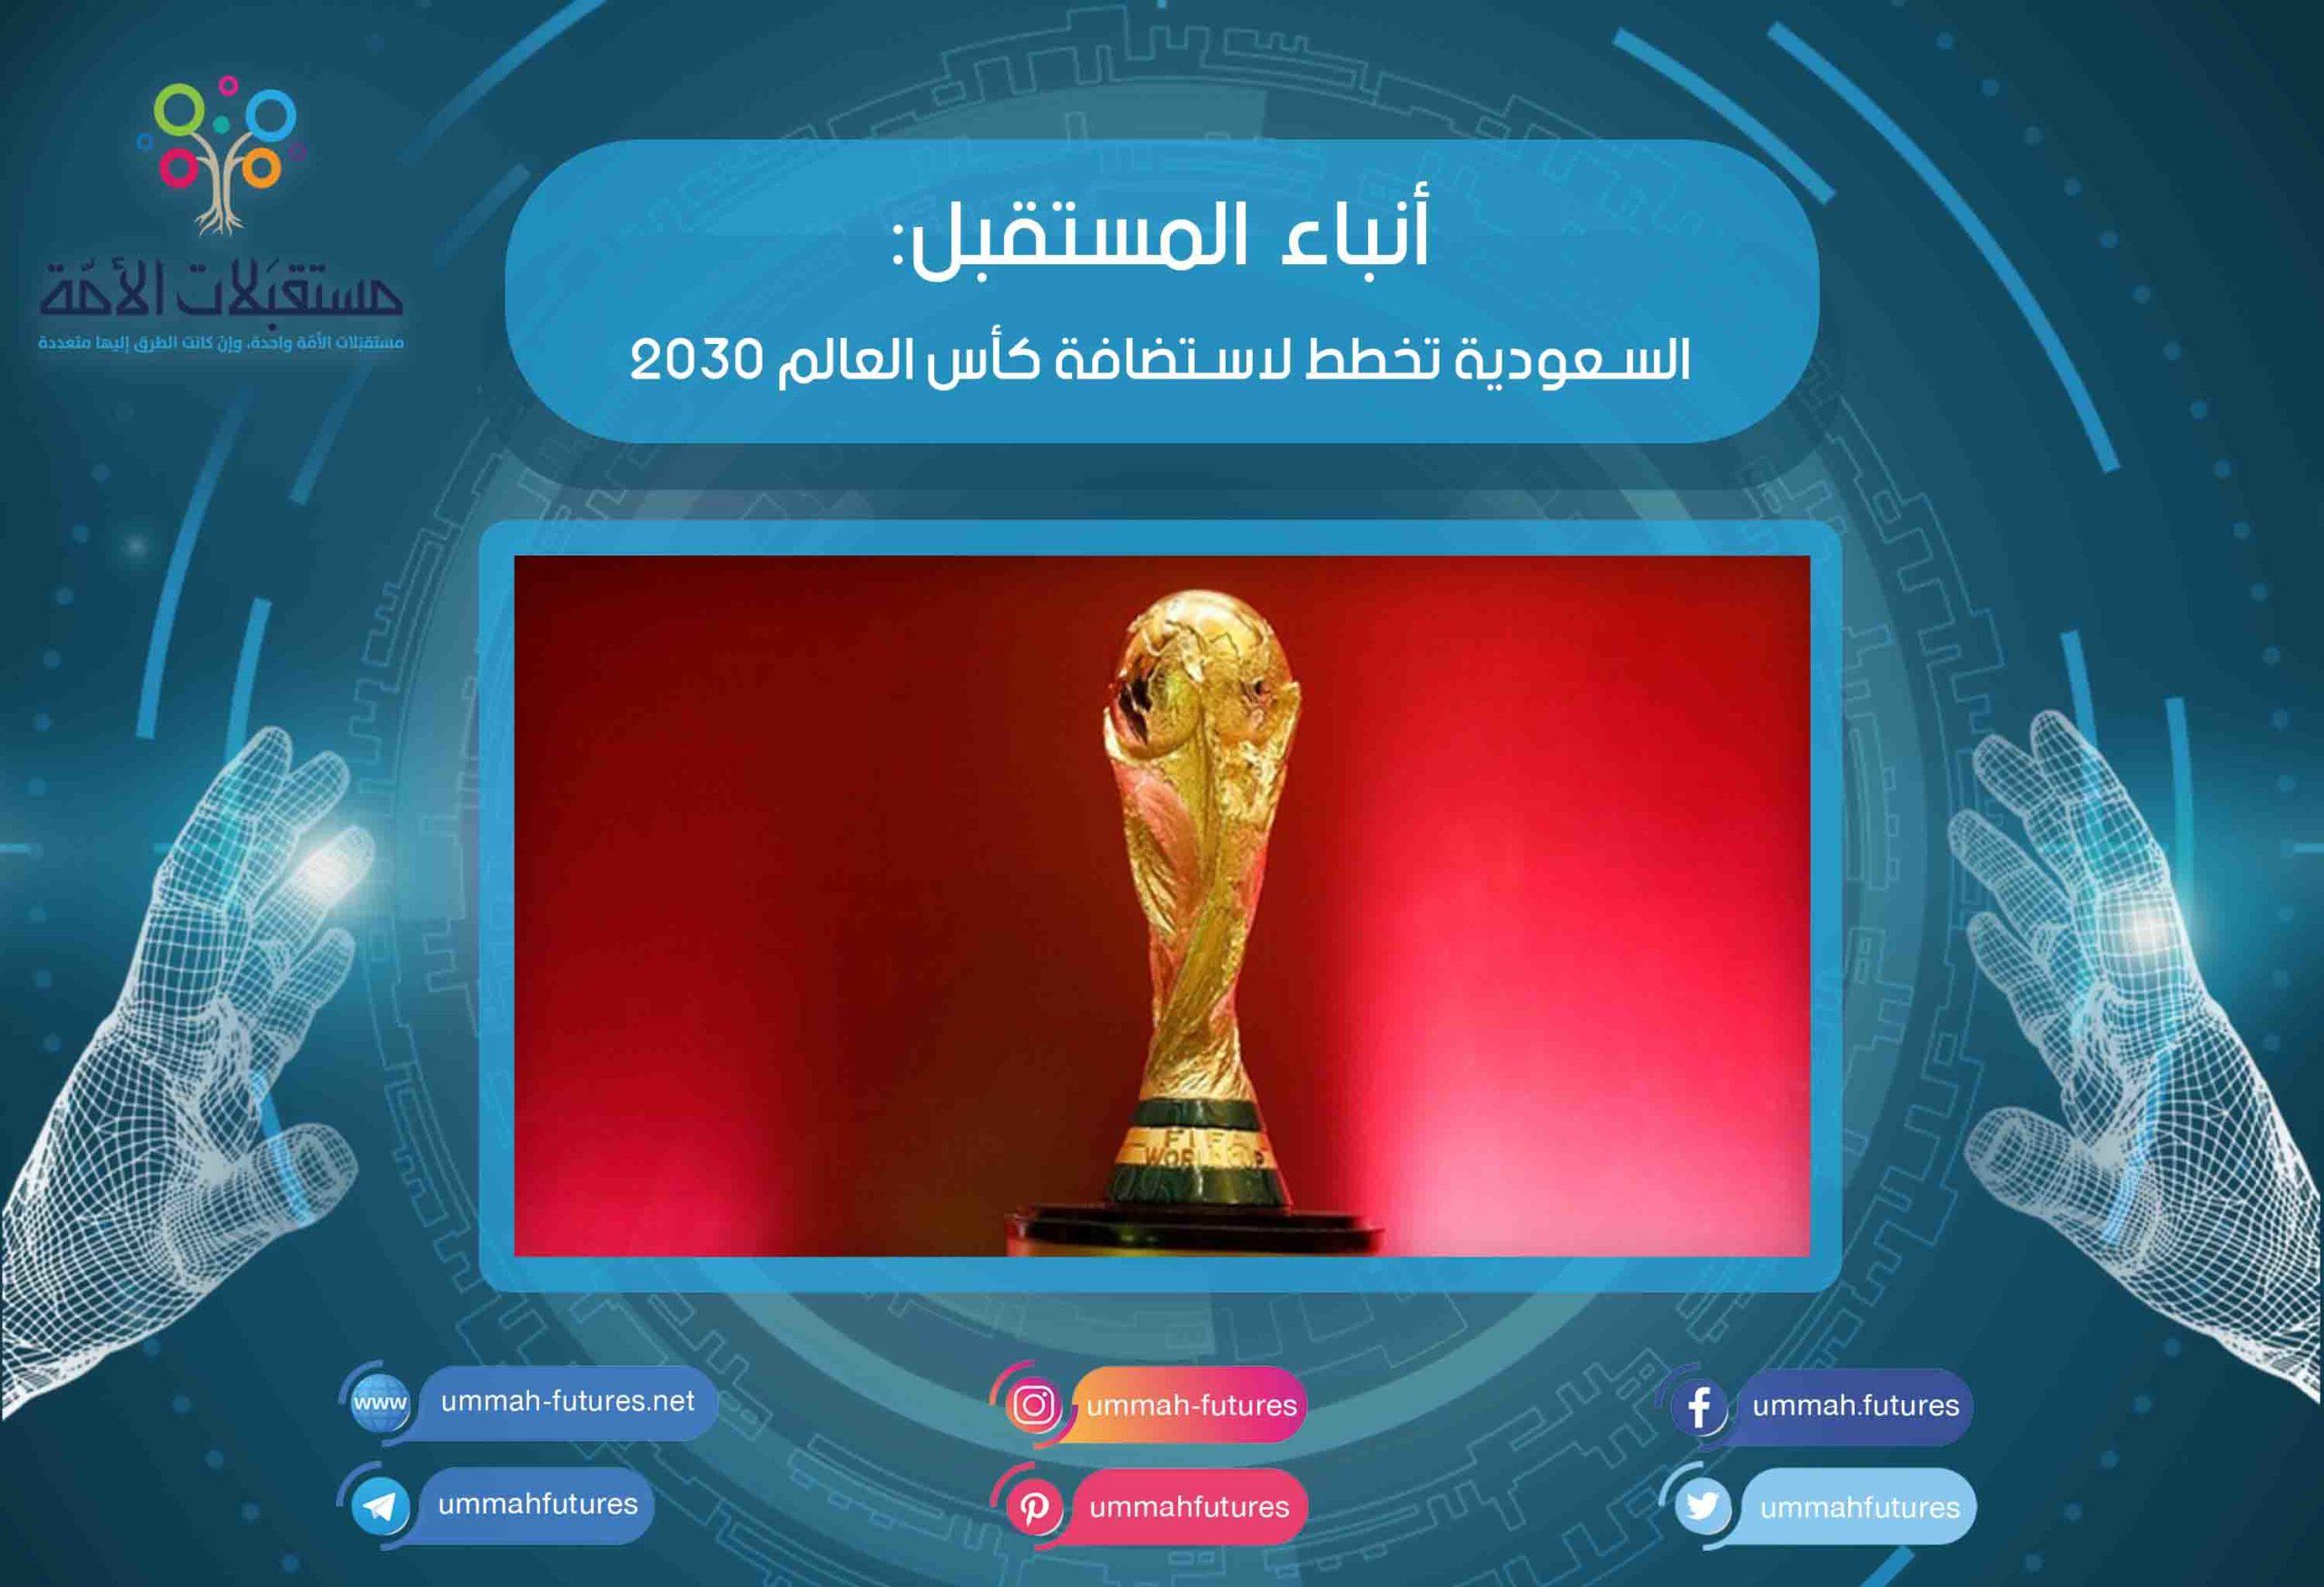 السعودية تخطط لاستضافة كأس العالم 2030